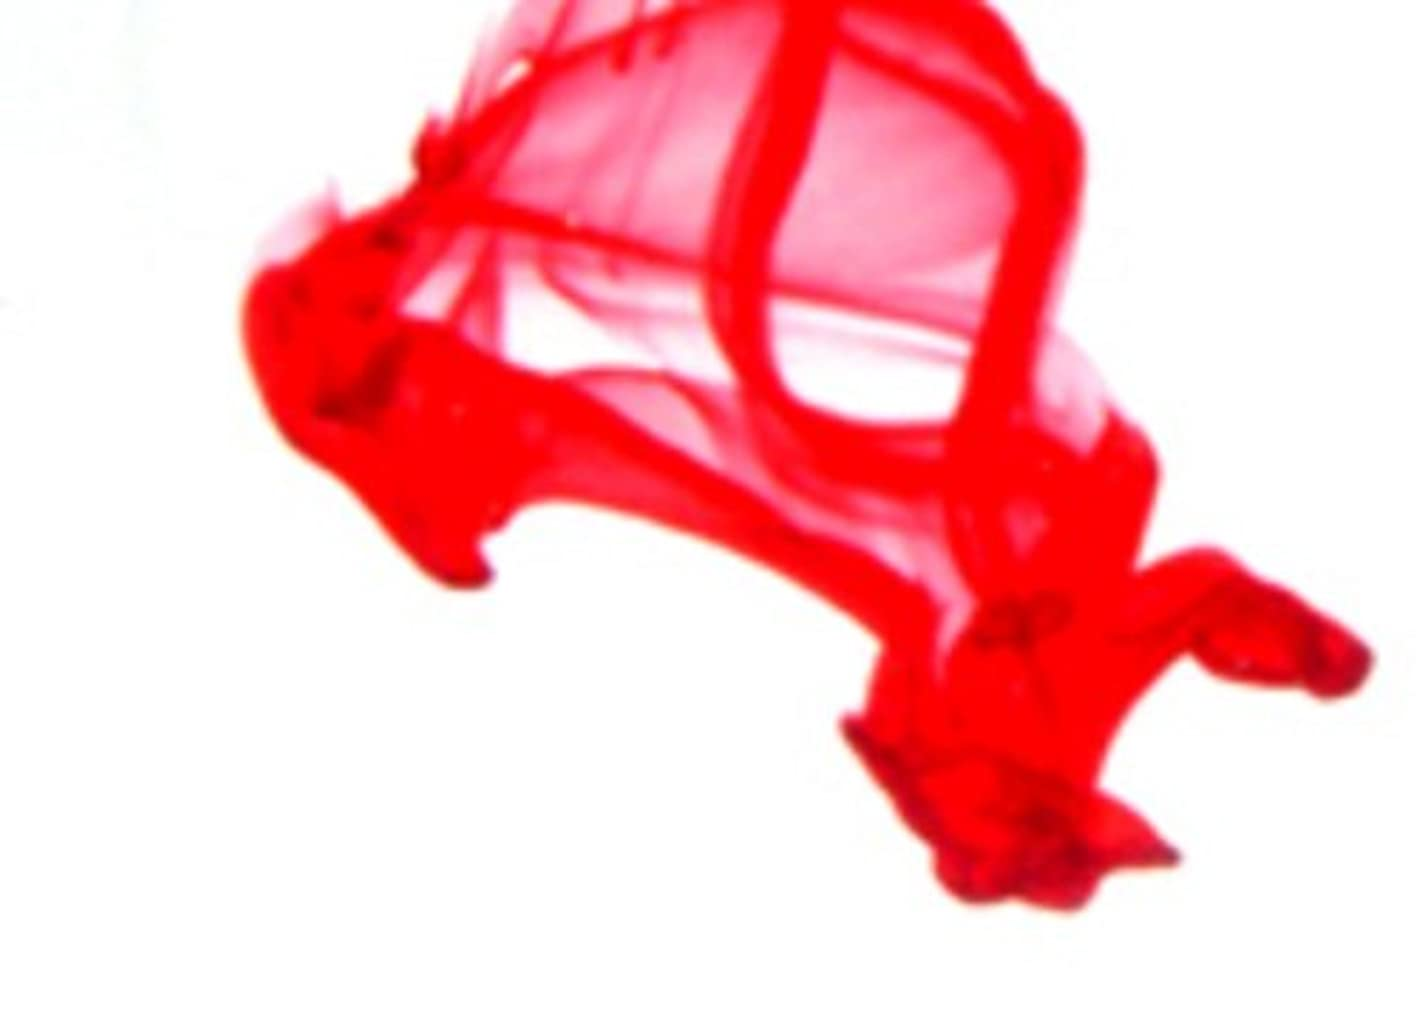 堤防制限されたエンジニアリングRed Soap Dye 10ml - Highly Concentrated